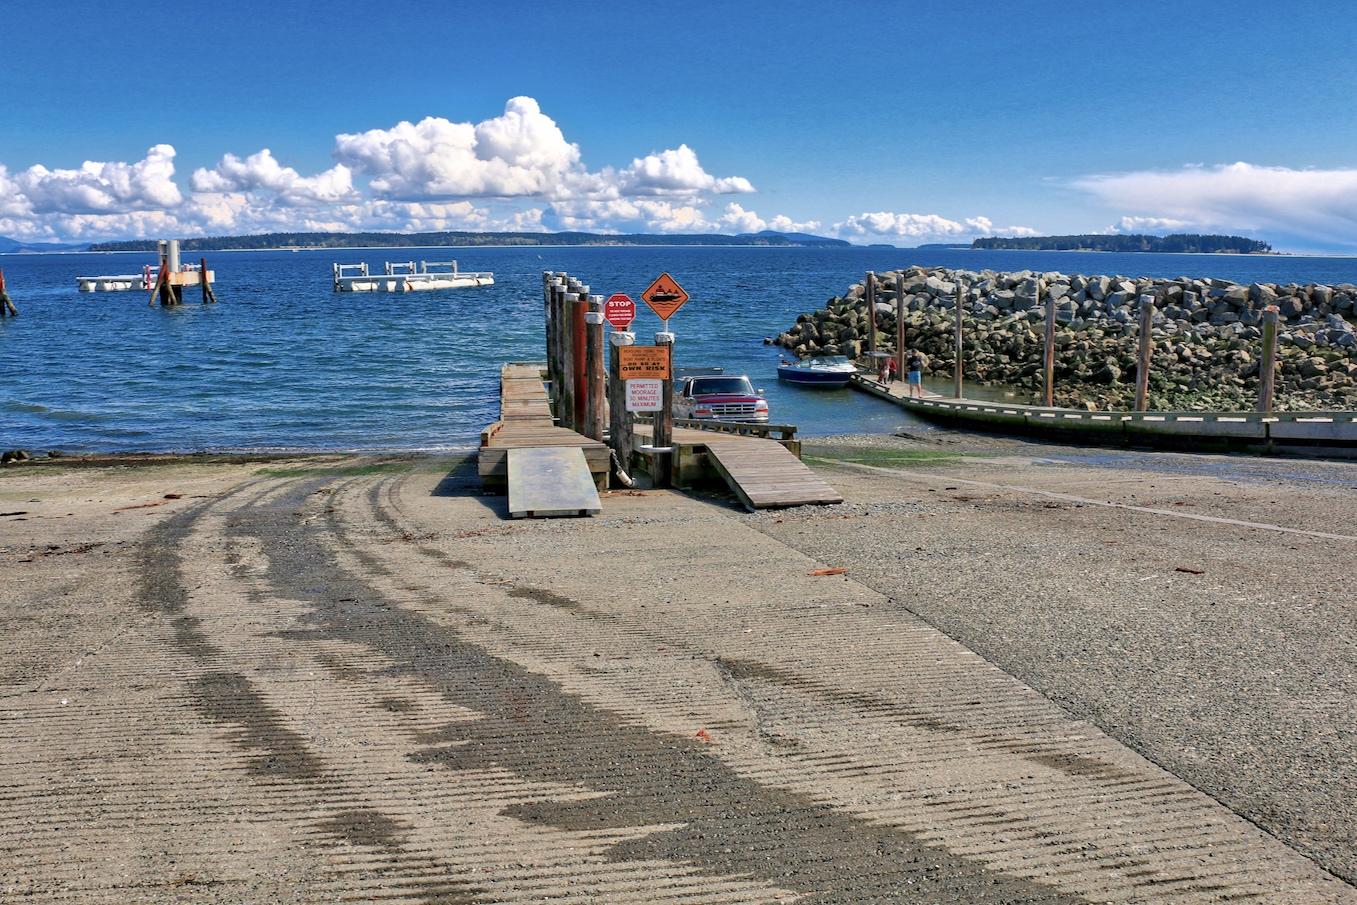 Tulista Boat Ramp